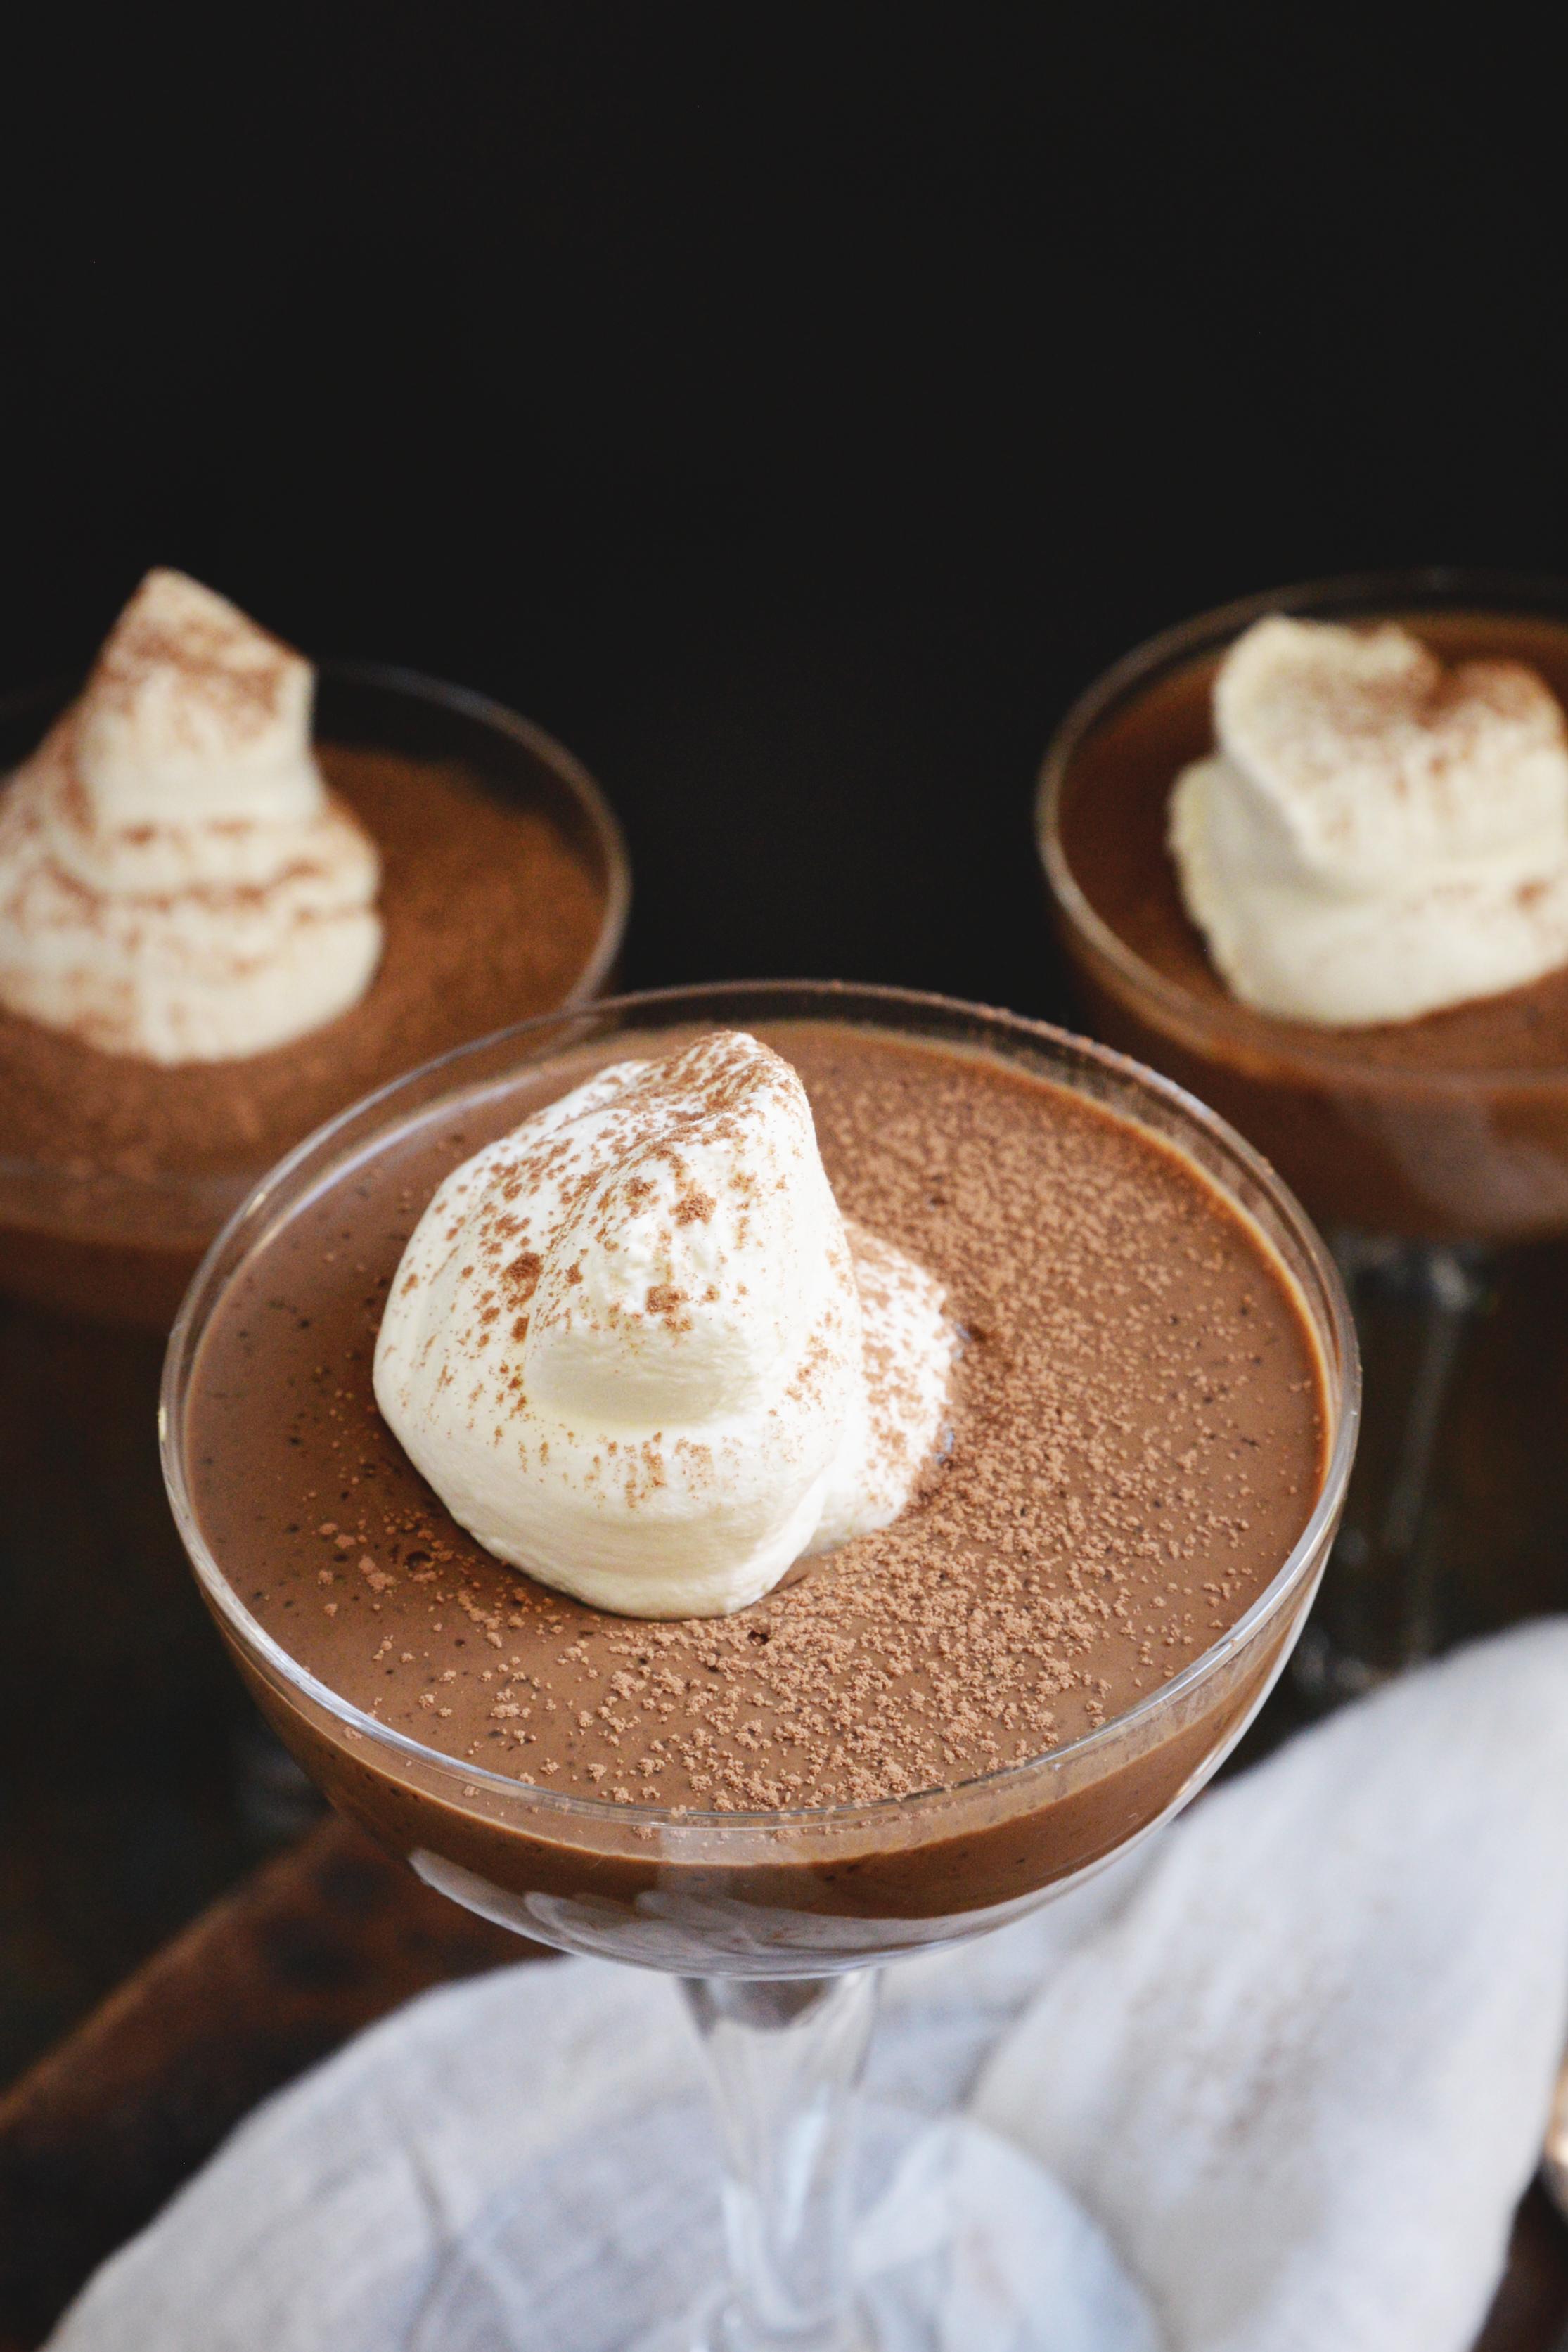 Kohlenhydratarmer Schokoladenpudding Rezept - Ansicht des garnierten Puddings von oben